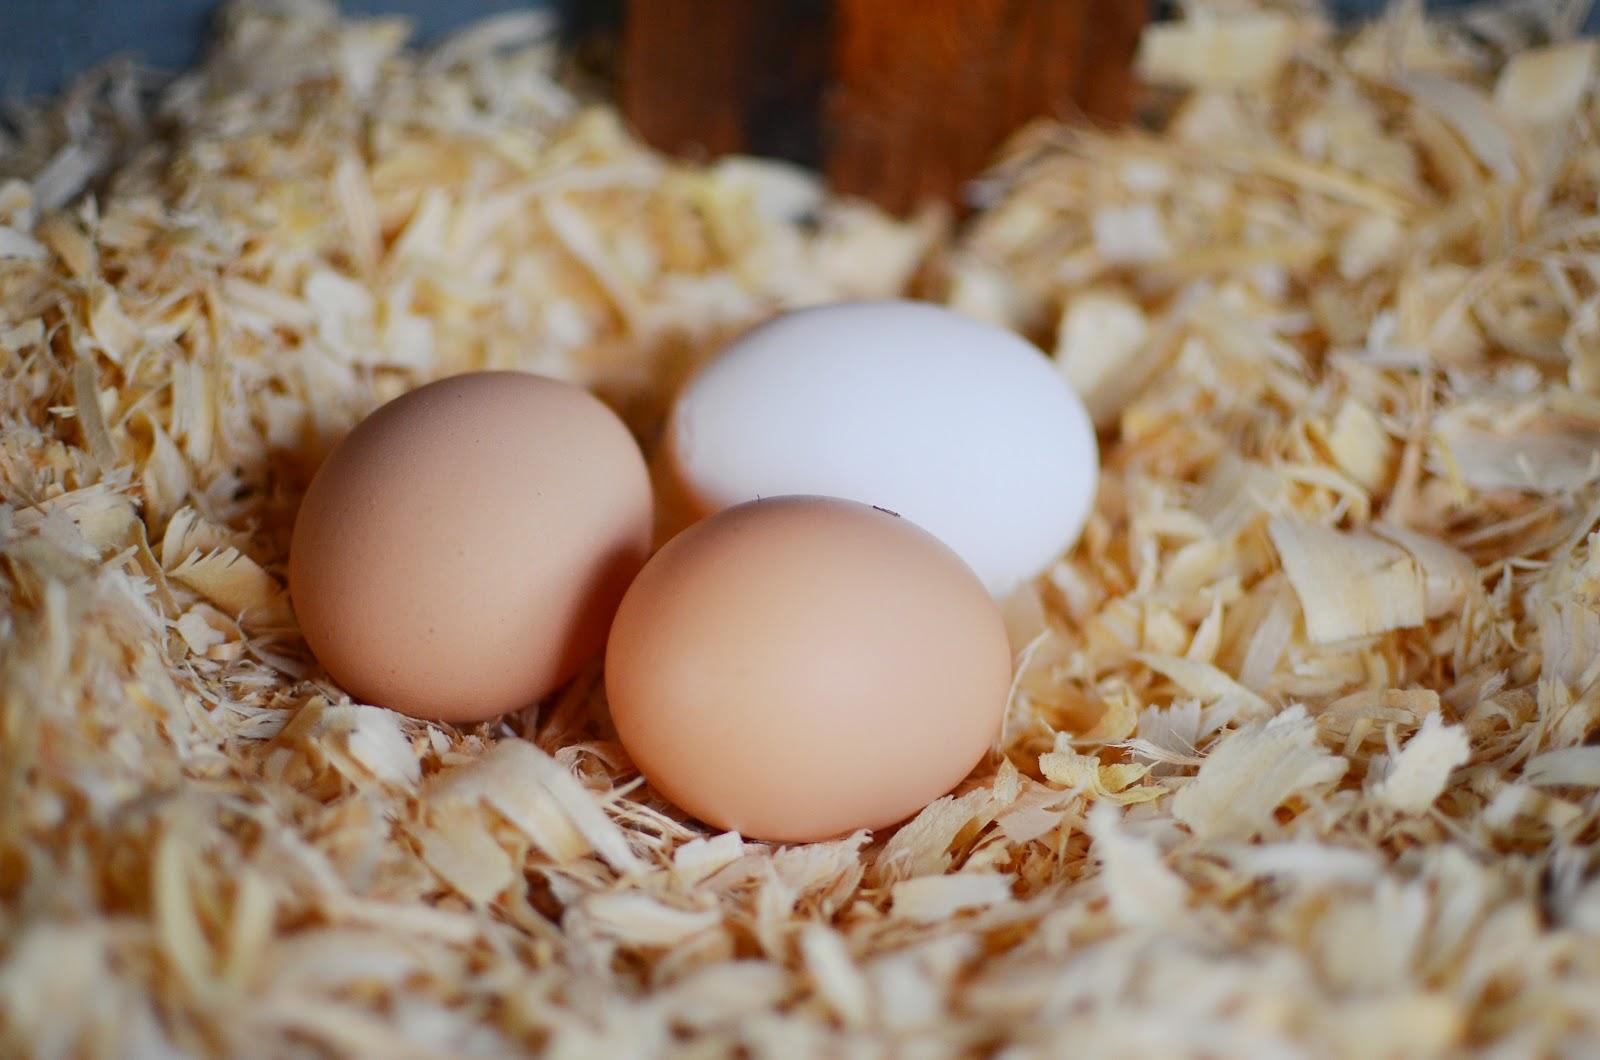 Что означает отсутствие скорлупы на куриных яйцах?